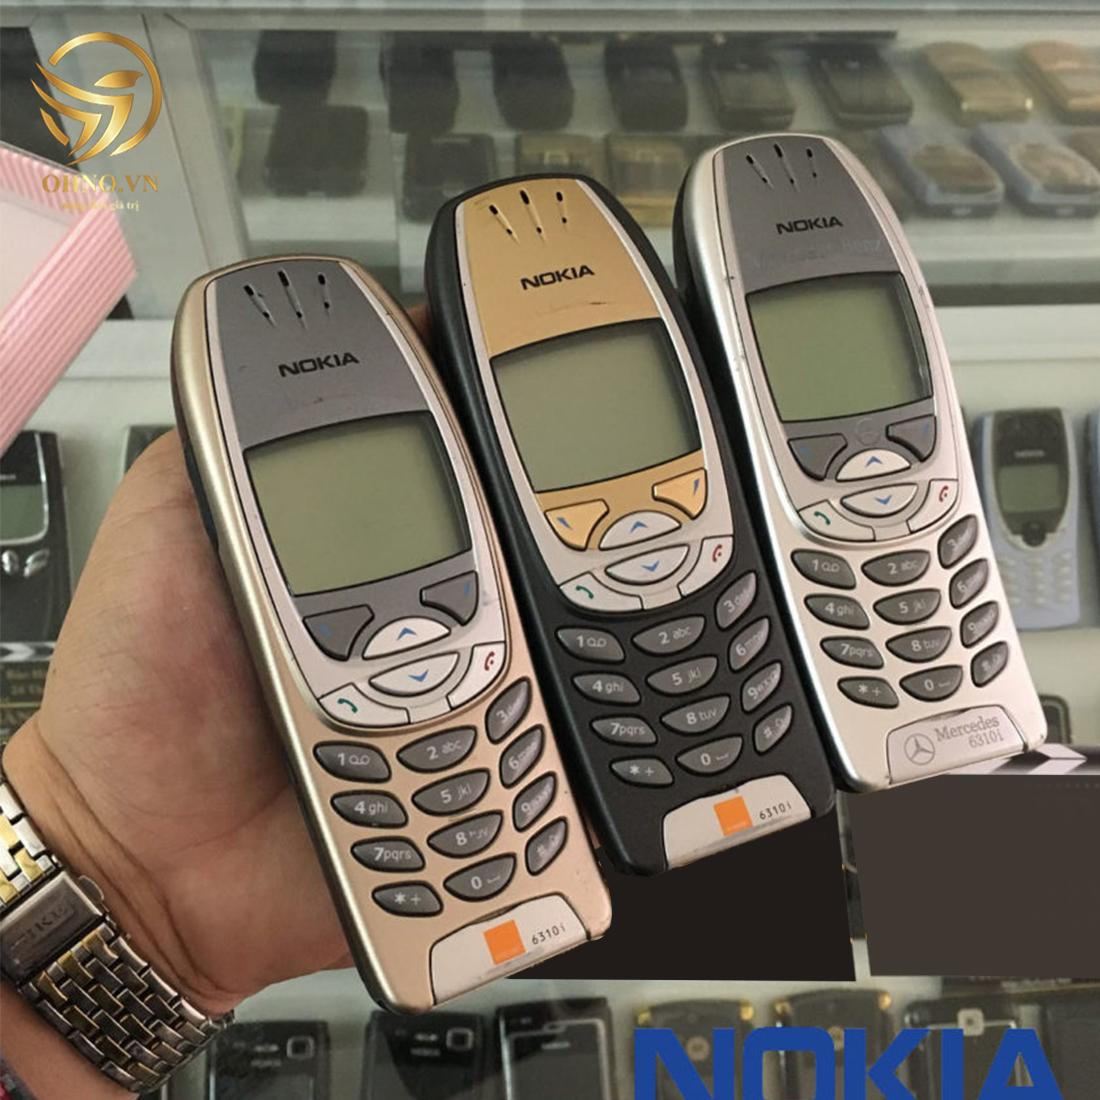 6310i điện thoại nokia chính hãng